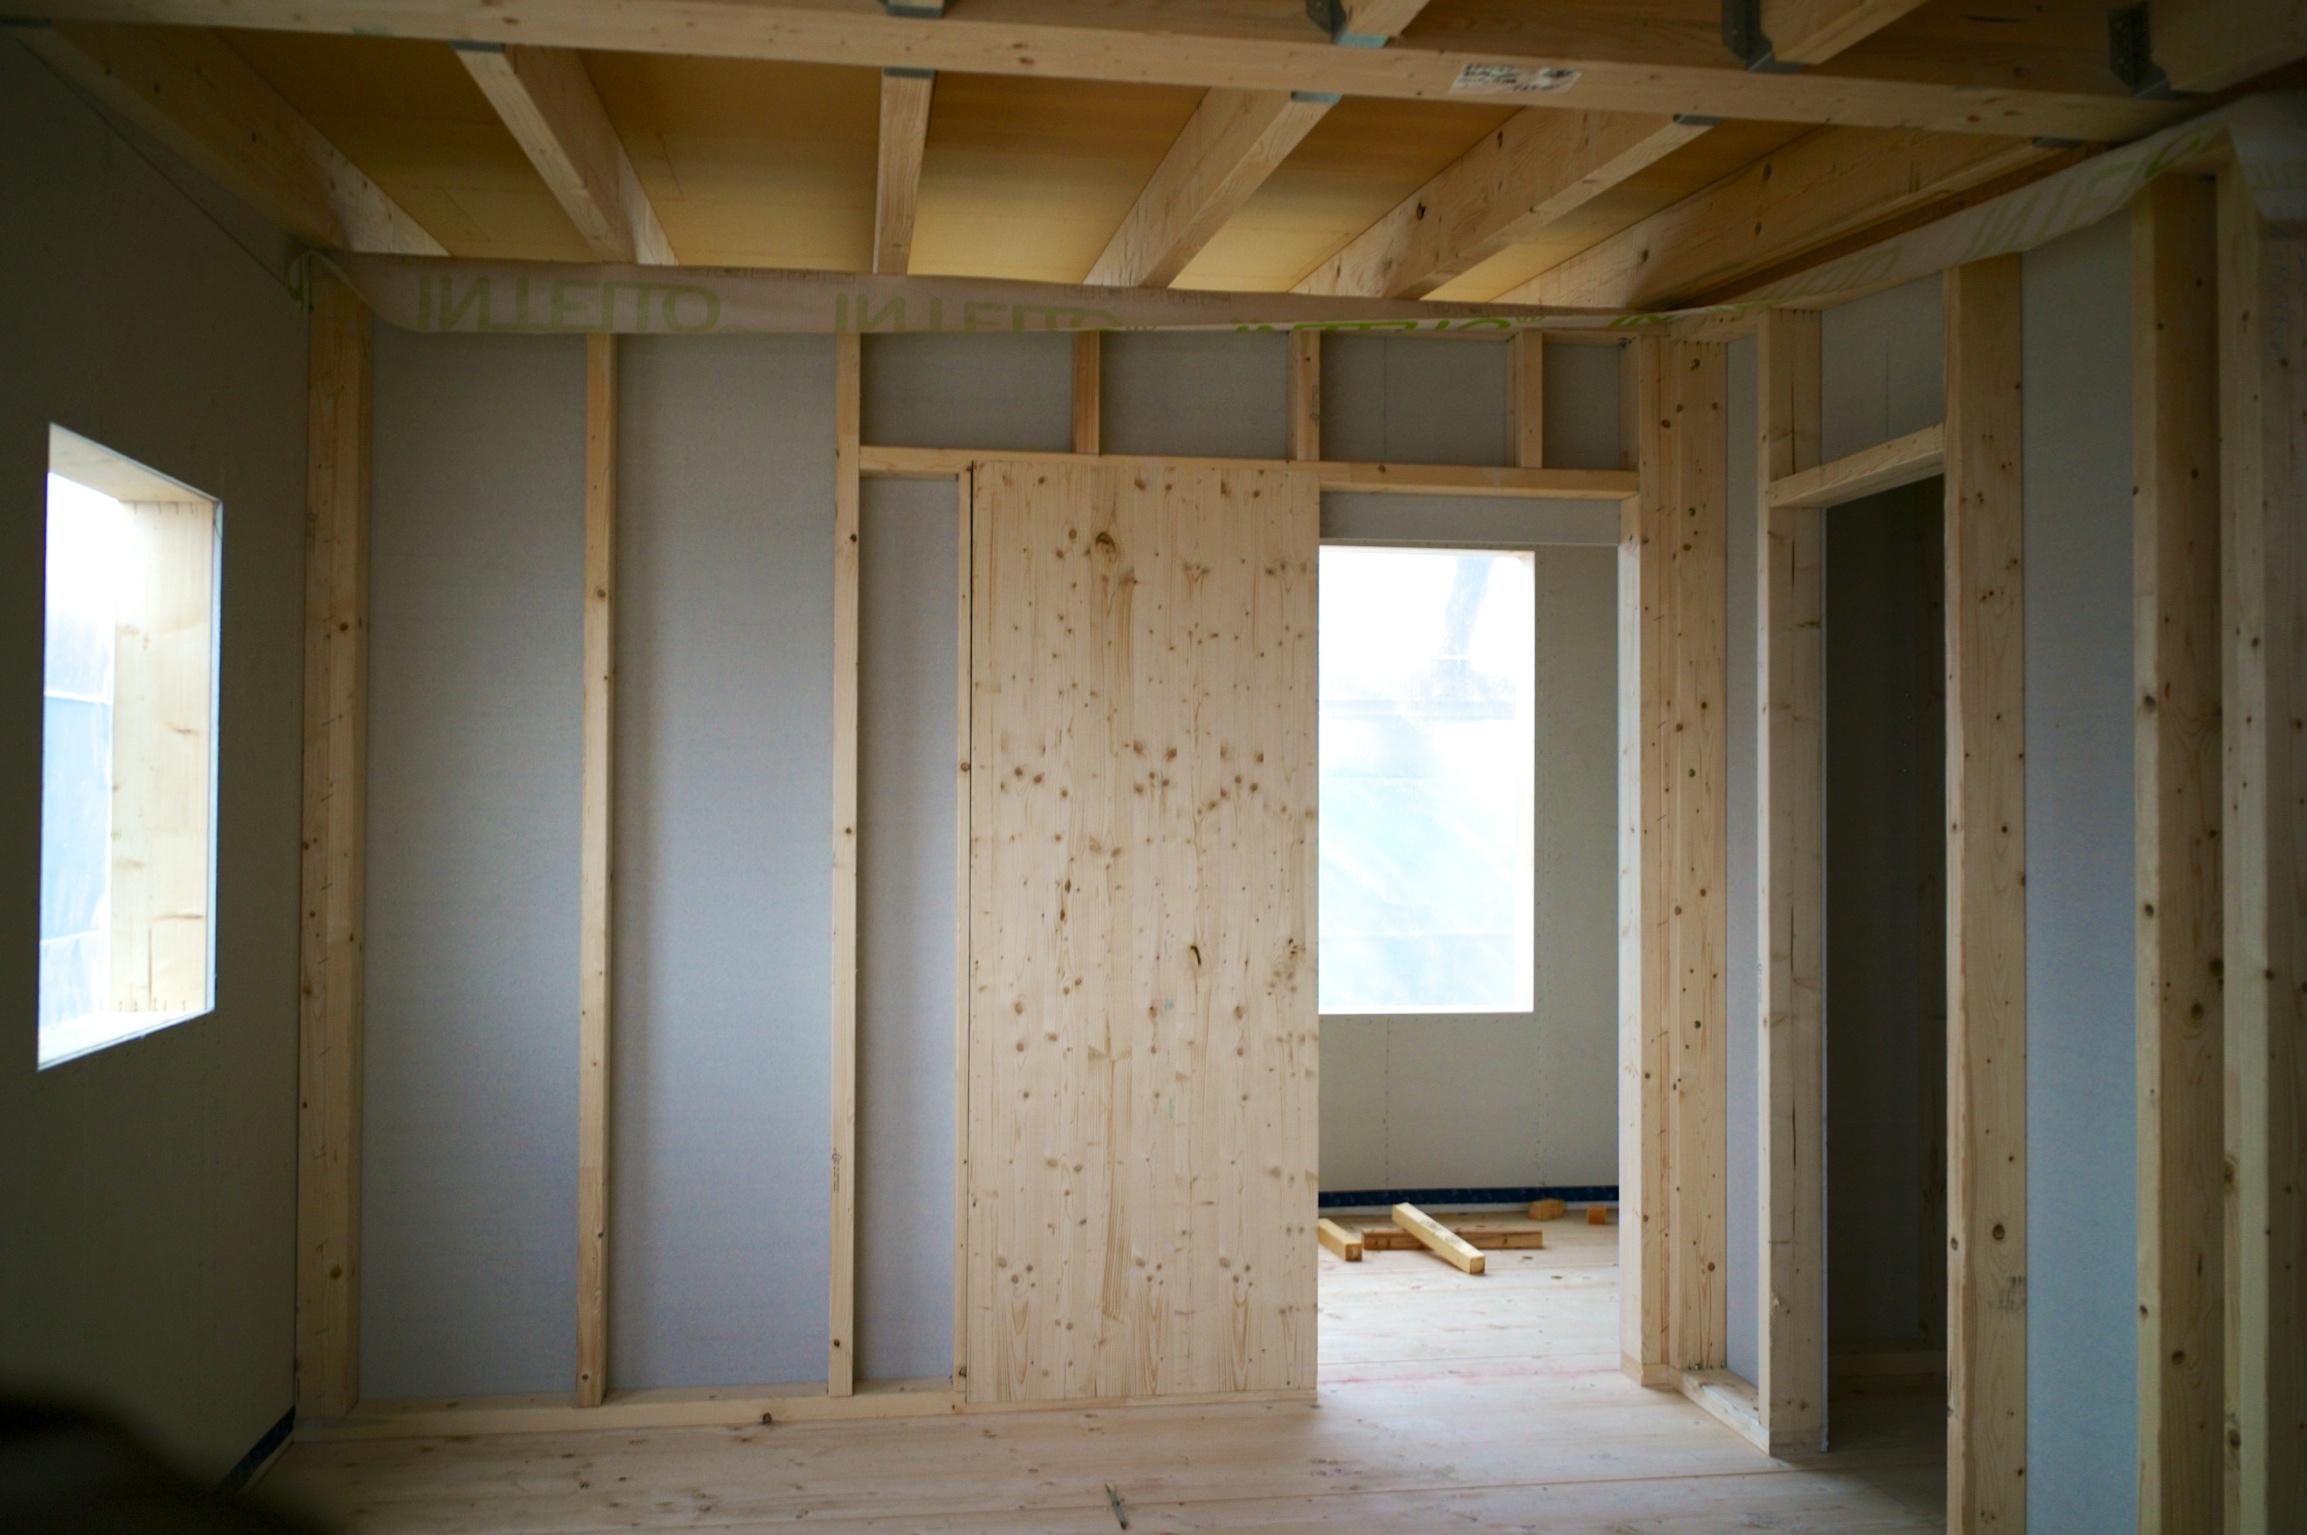 holzbau sentinel haus blog part 2. Black Bedroom Furniture Sets. Home Design Ideas